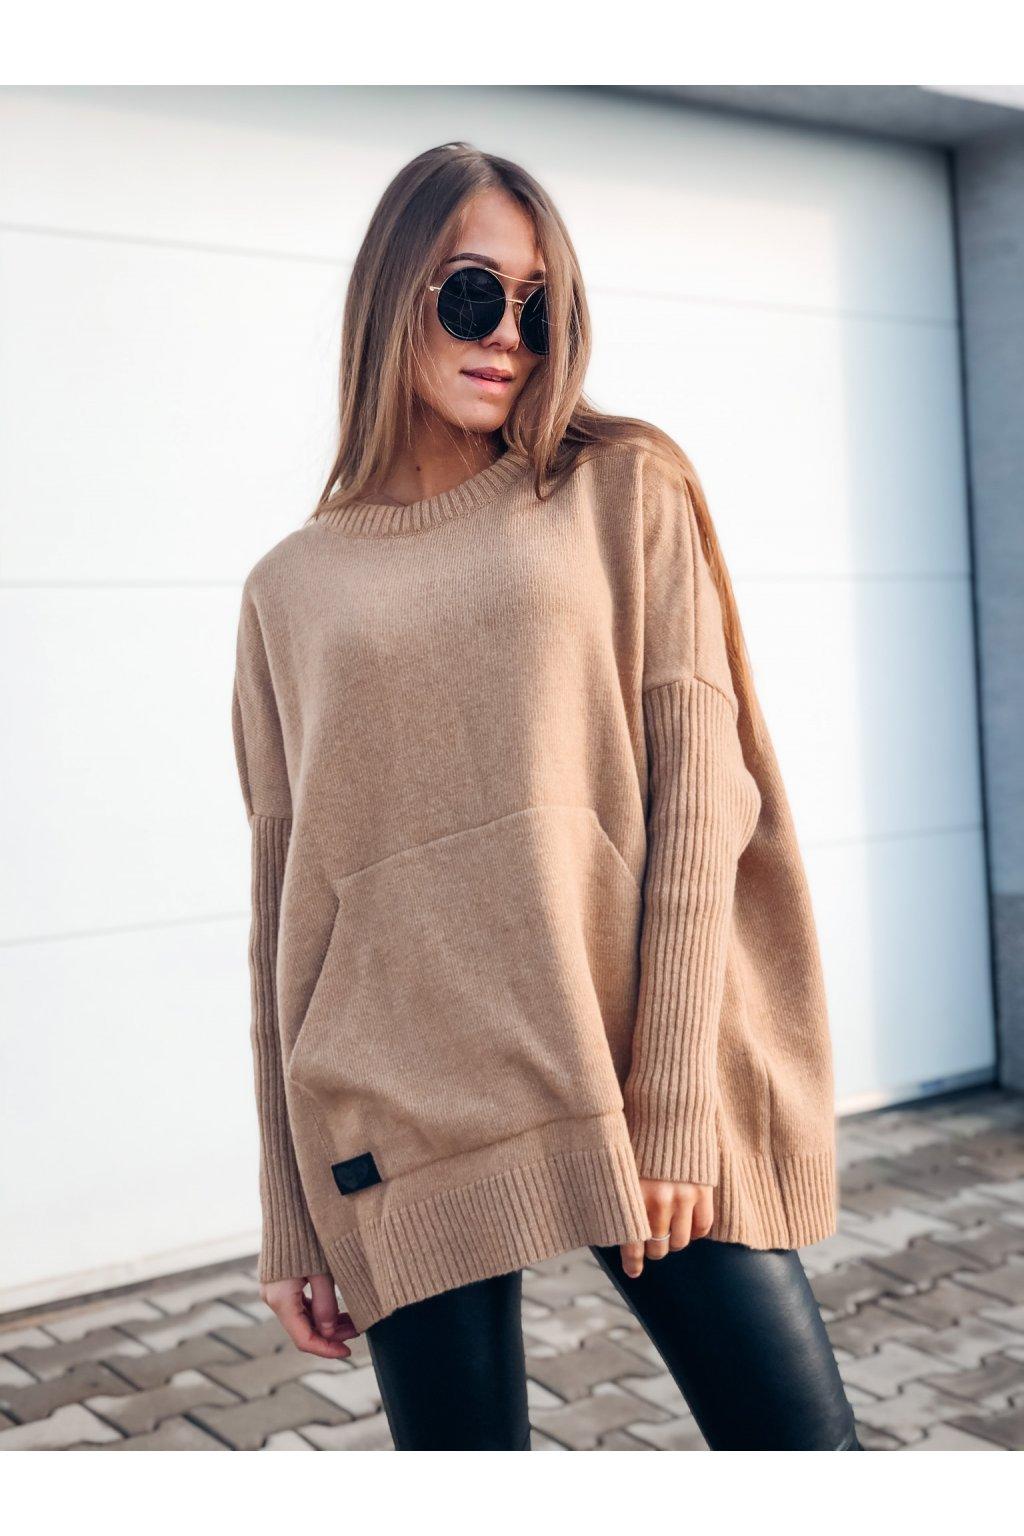 damsky svetr s kapsou mocca eshopat cz 1